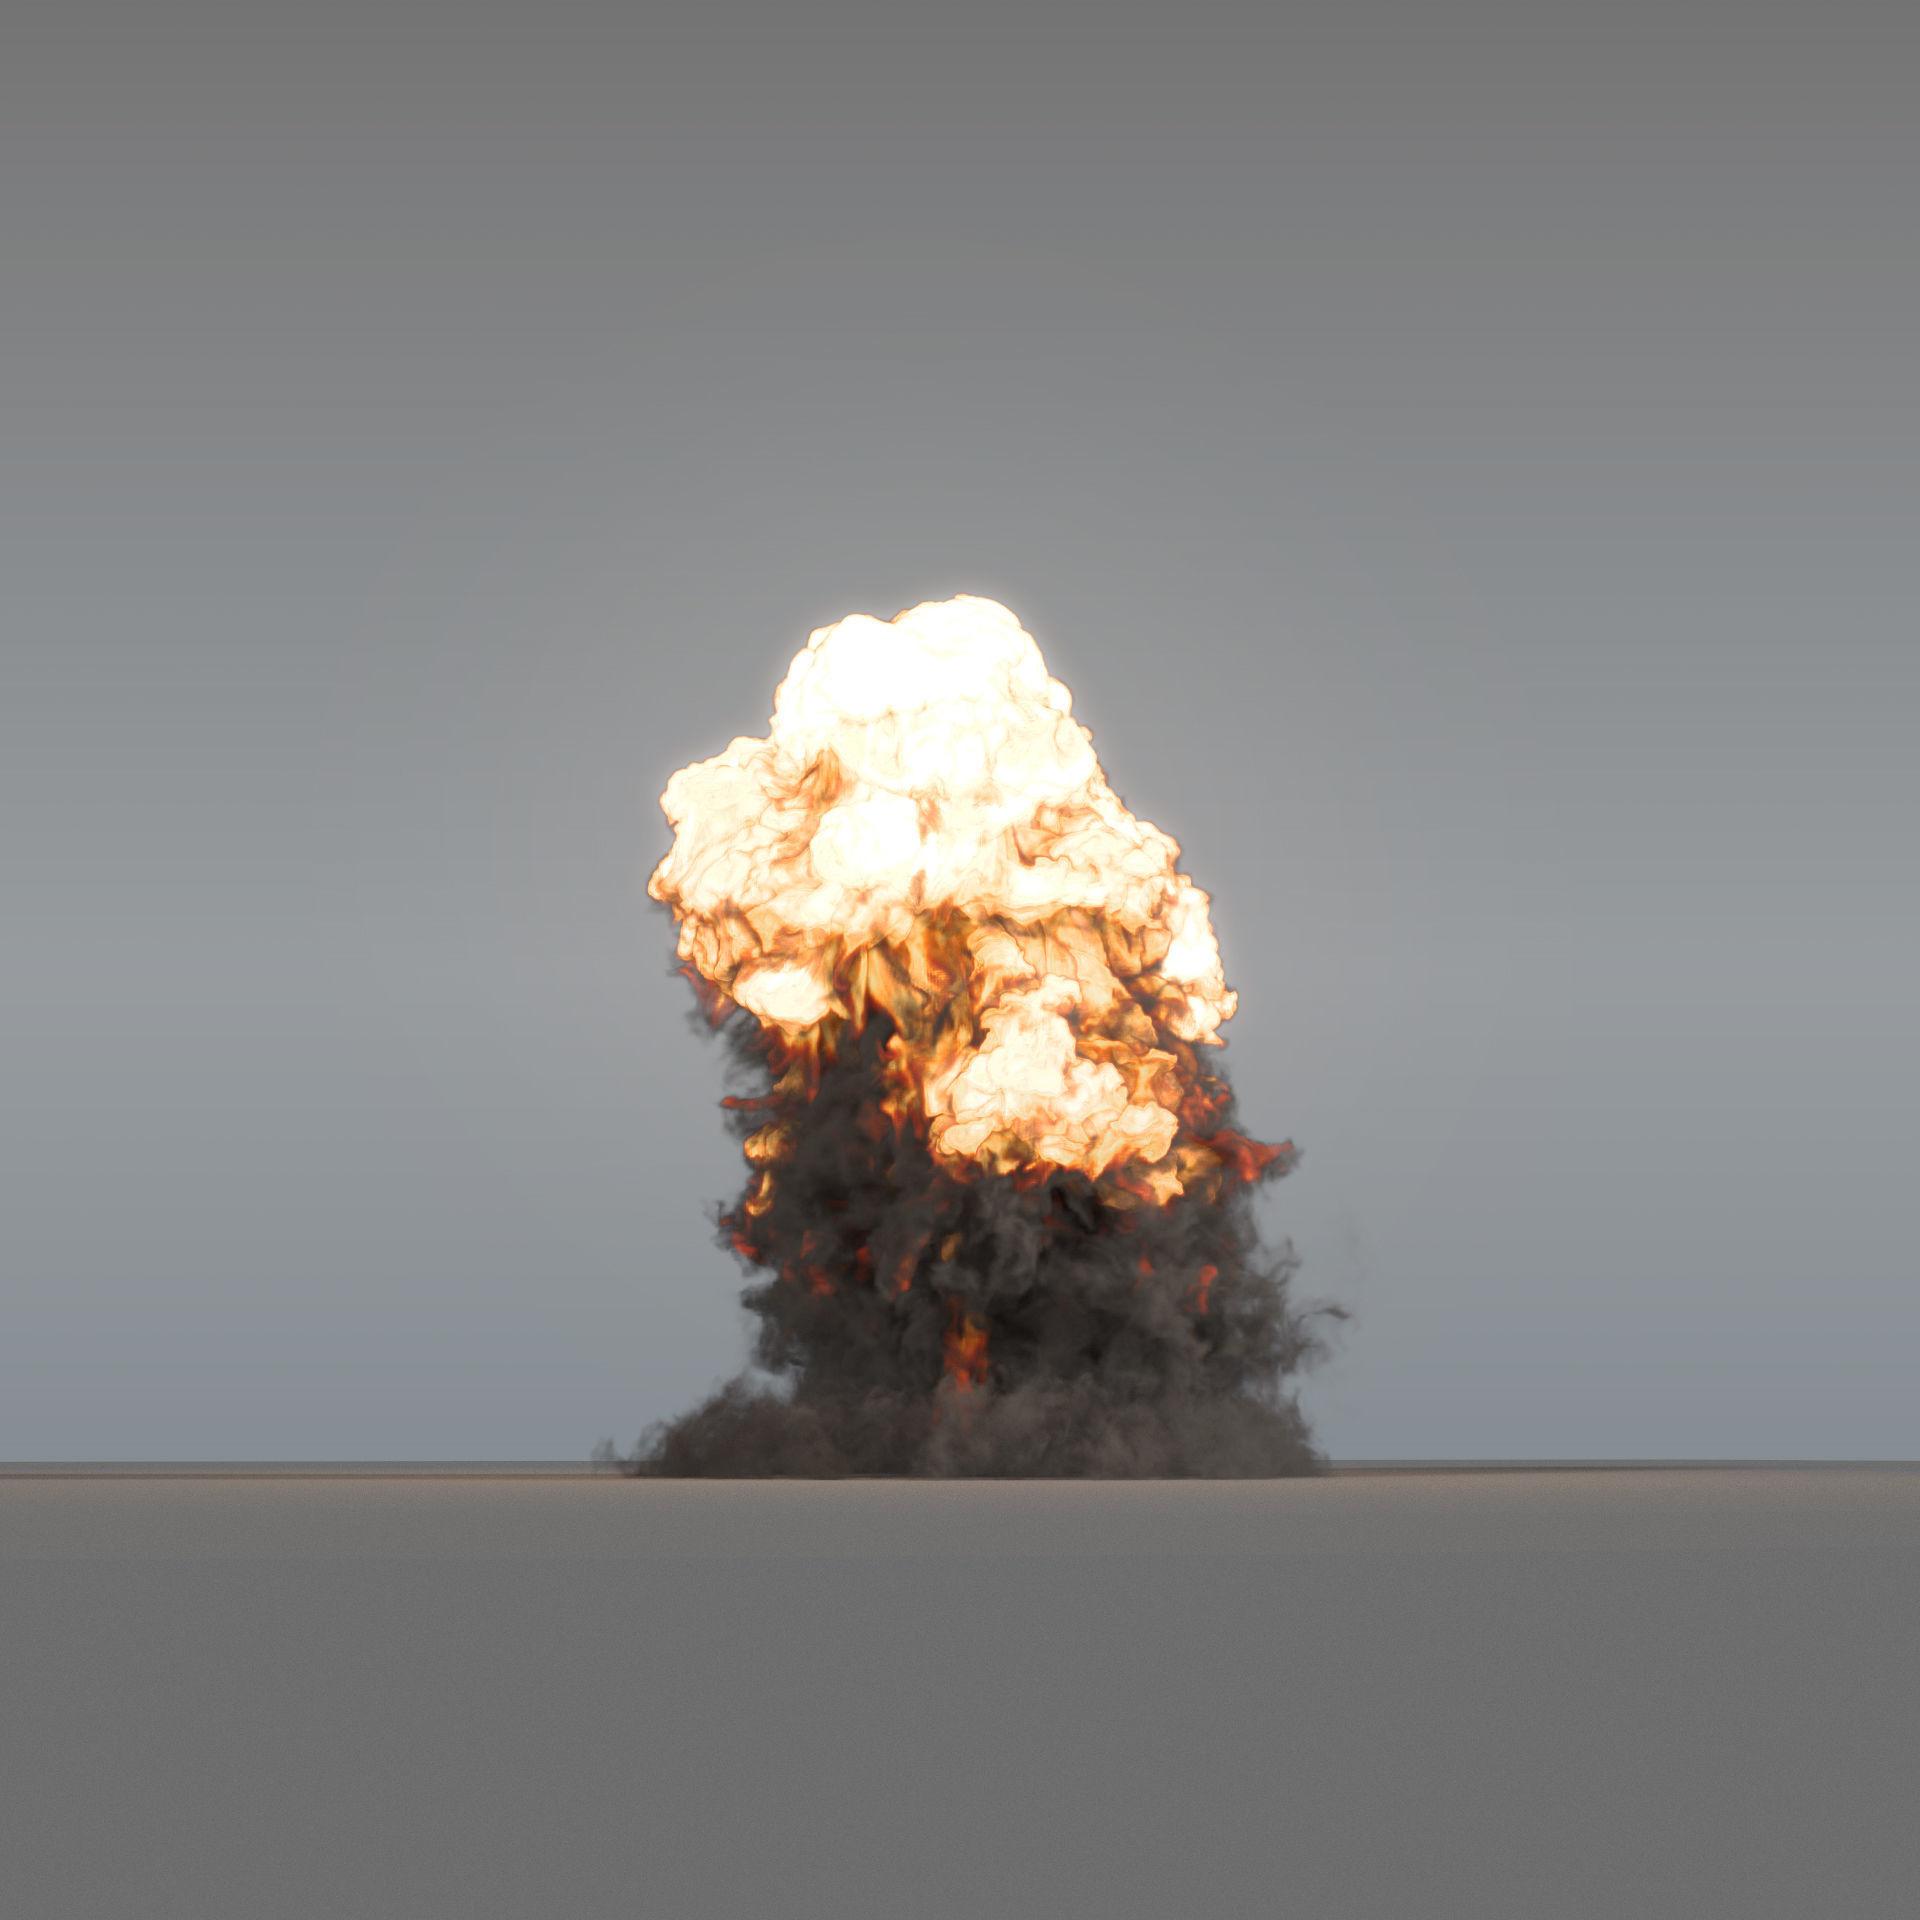 Explosion 03 - VDB